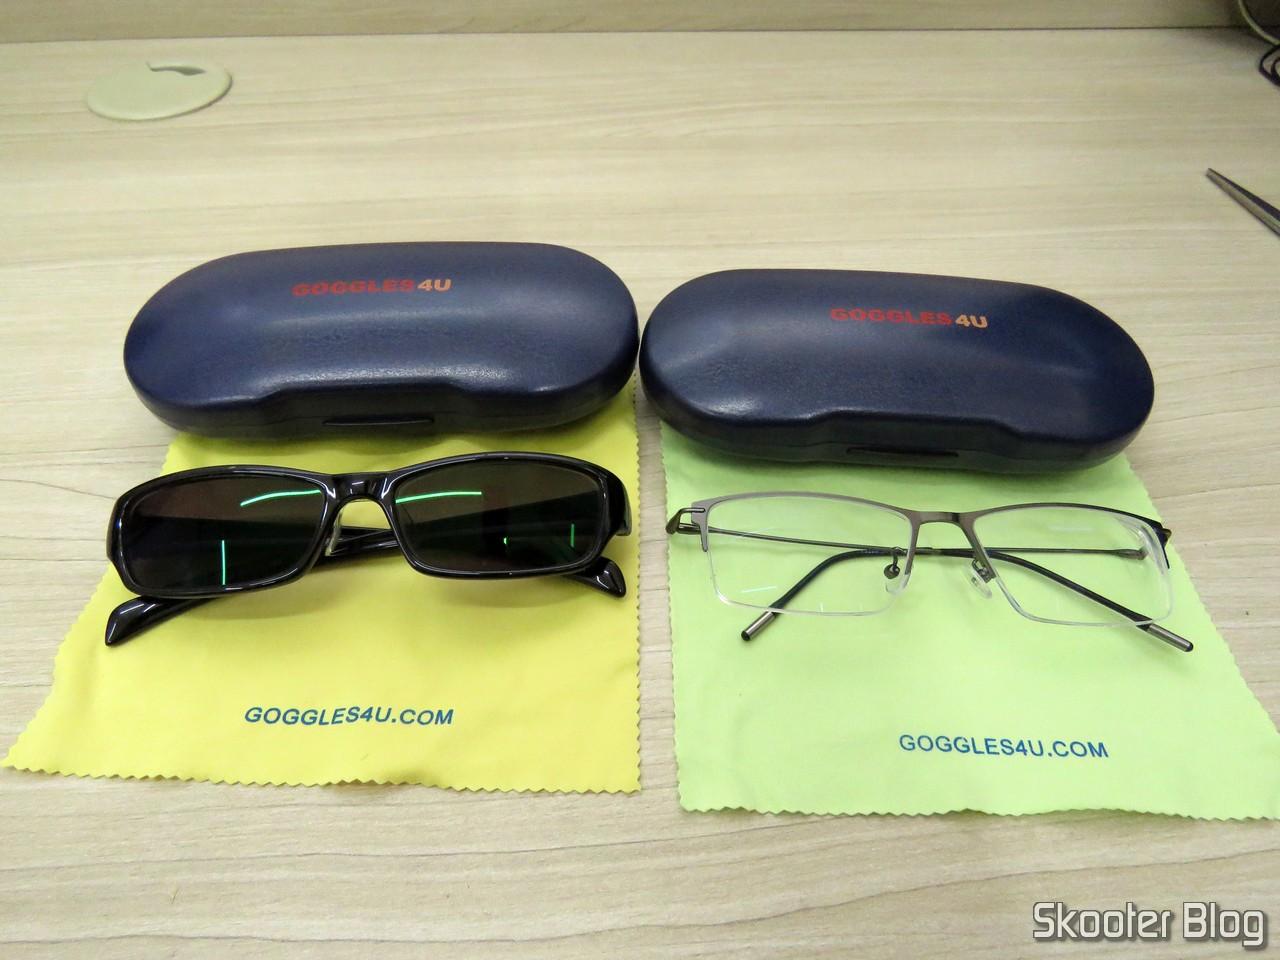 235e449e8 [Review] Goggles4U - 5º Pedido - Óculos de Grau Lente 1.67 Super Fina e  Óculos de Sol com Grau - Skooter Blog